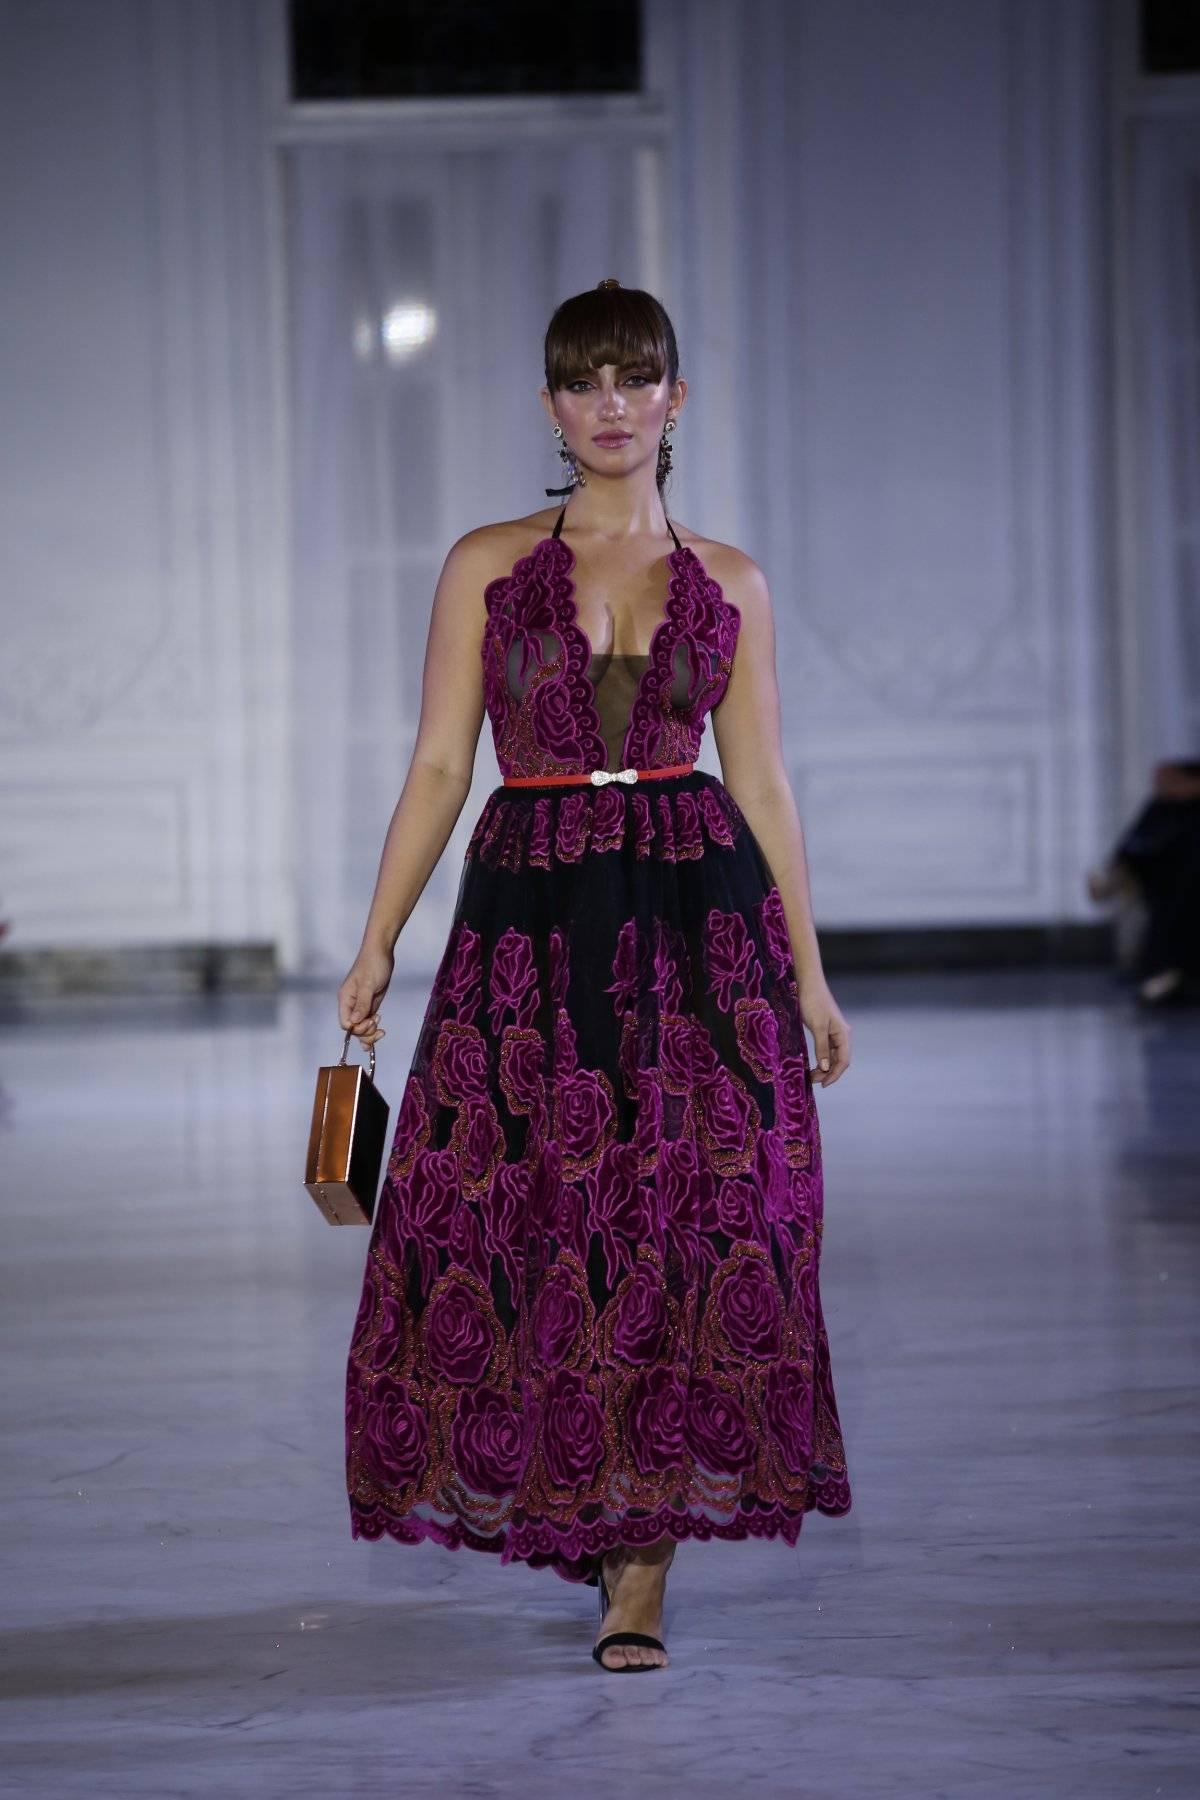 Vestido al tobillo en tul negro de rosas bordado en velvet / Foto: SanJuan Moda-Jessica Cristina